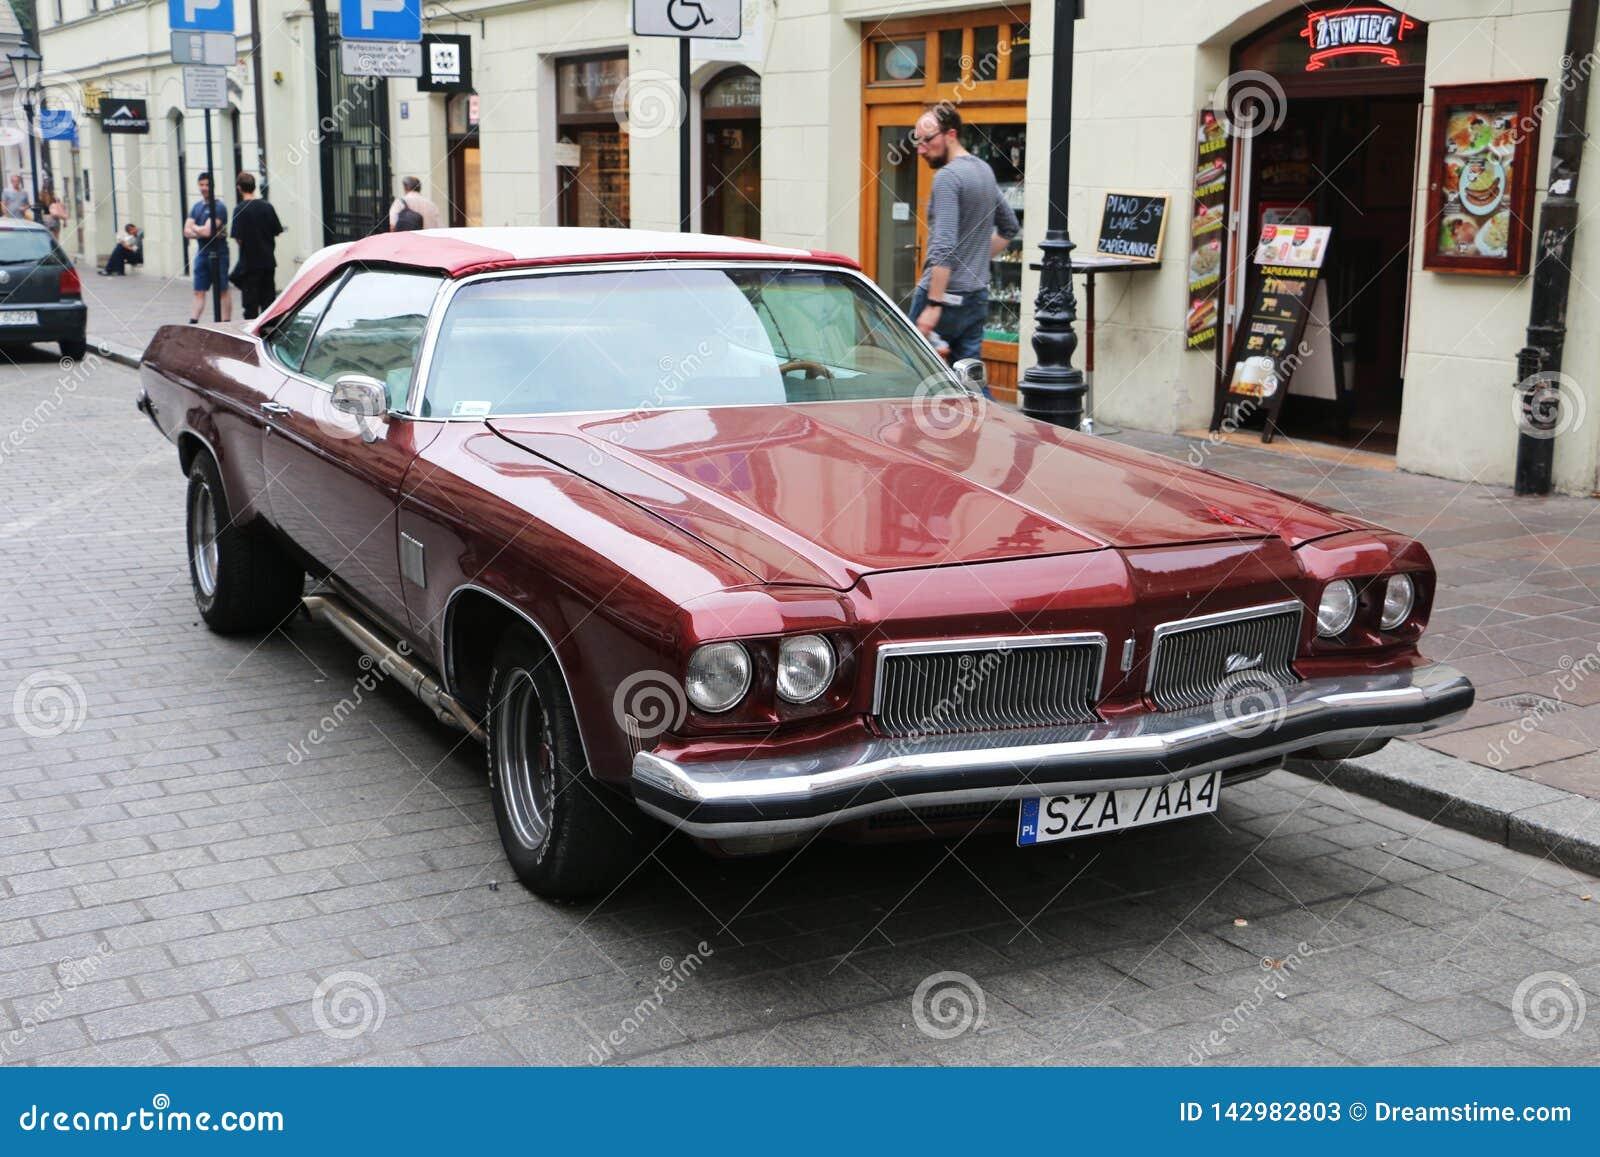 Красный красивый американский автомобиль мышцы, Польша, Краков